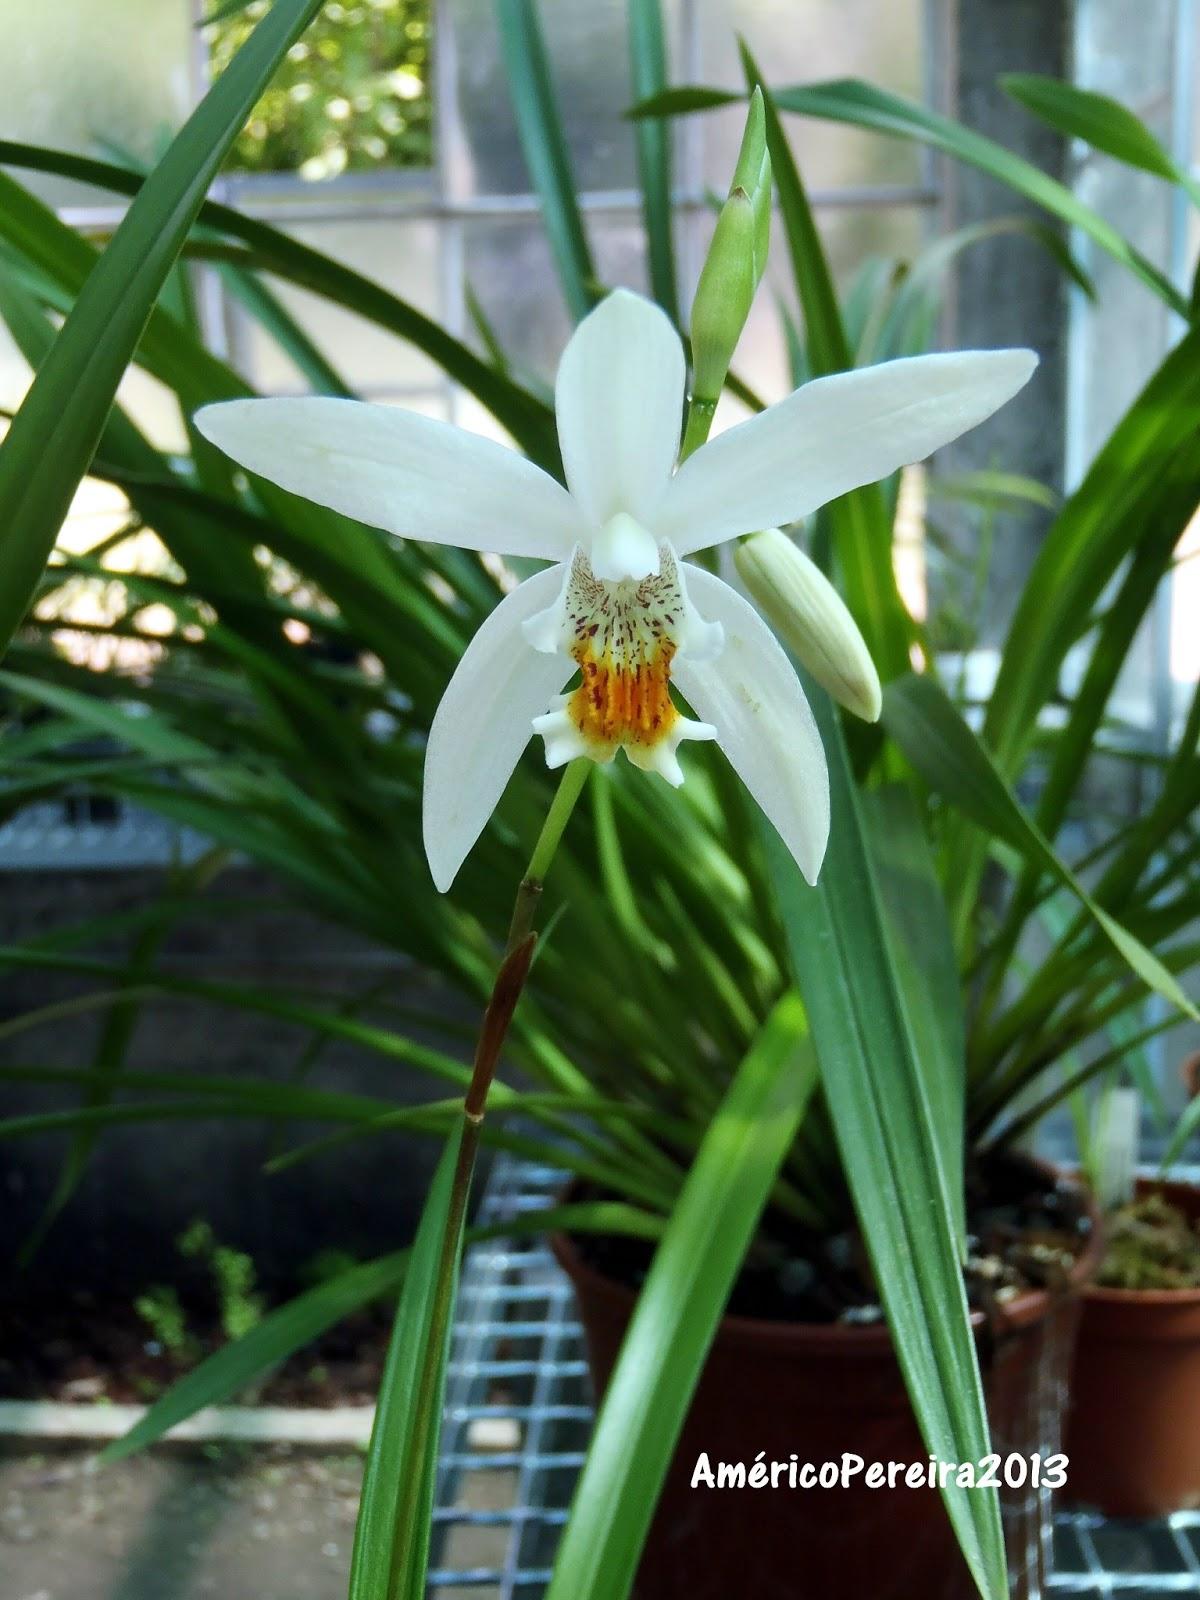 uma variedade branca, resultante de um pequeno bolbo comprado no início de 2013. Trata,se de uma orquídea terrestre, de climas fios, cuja parte foliar